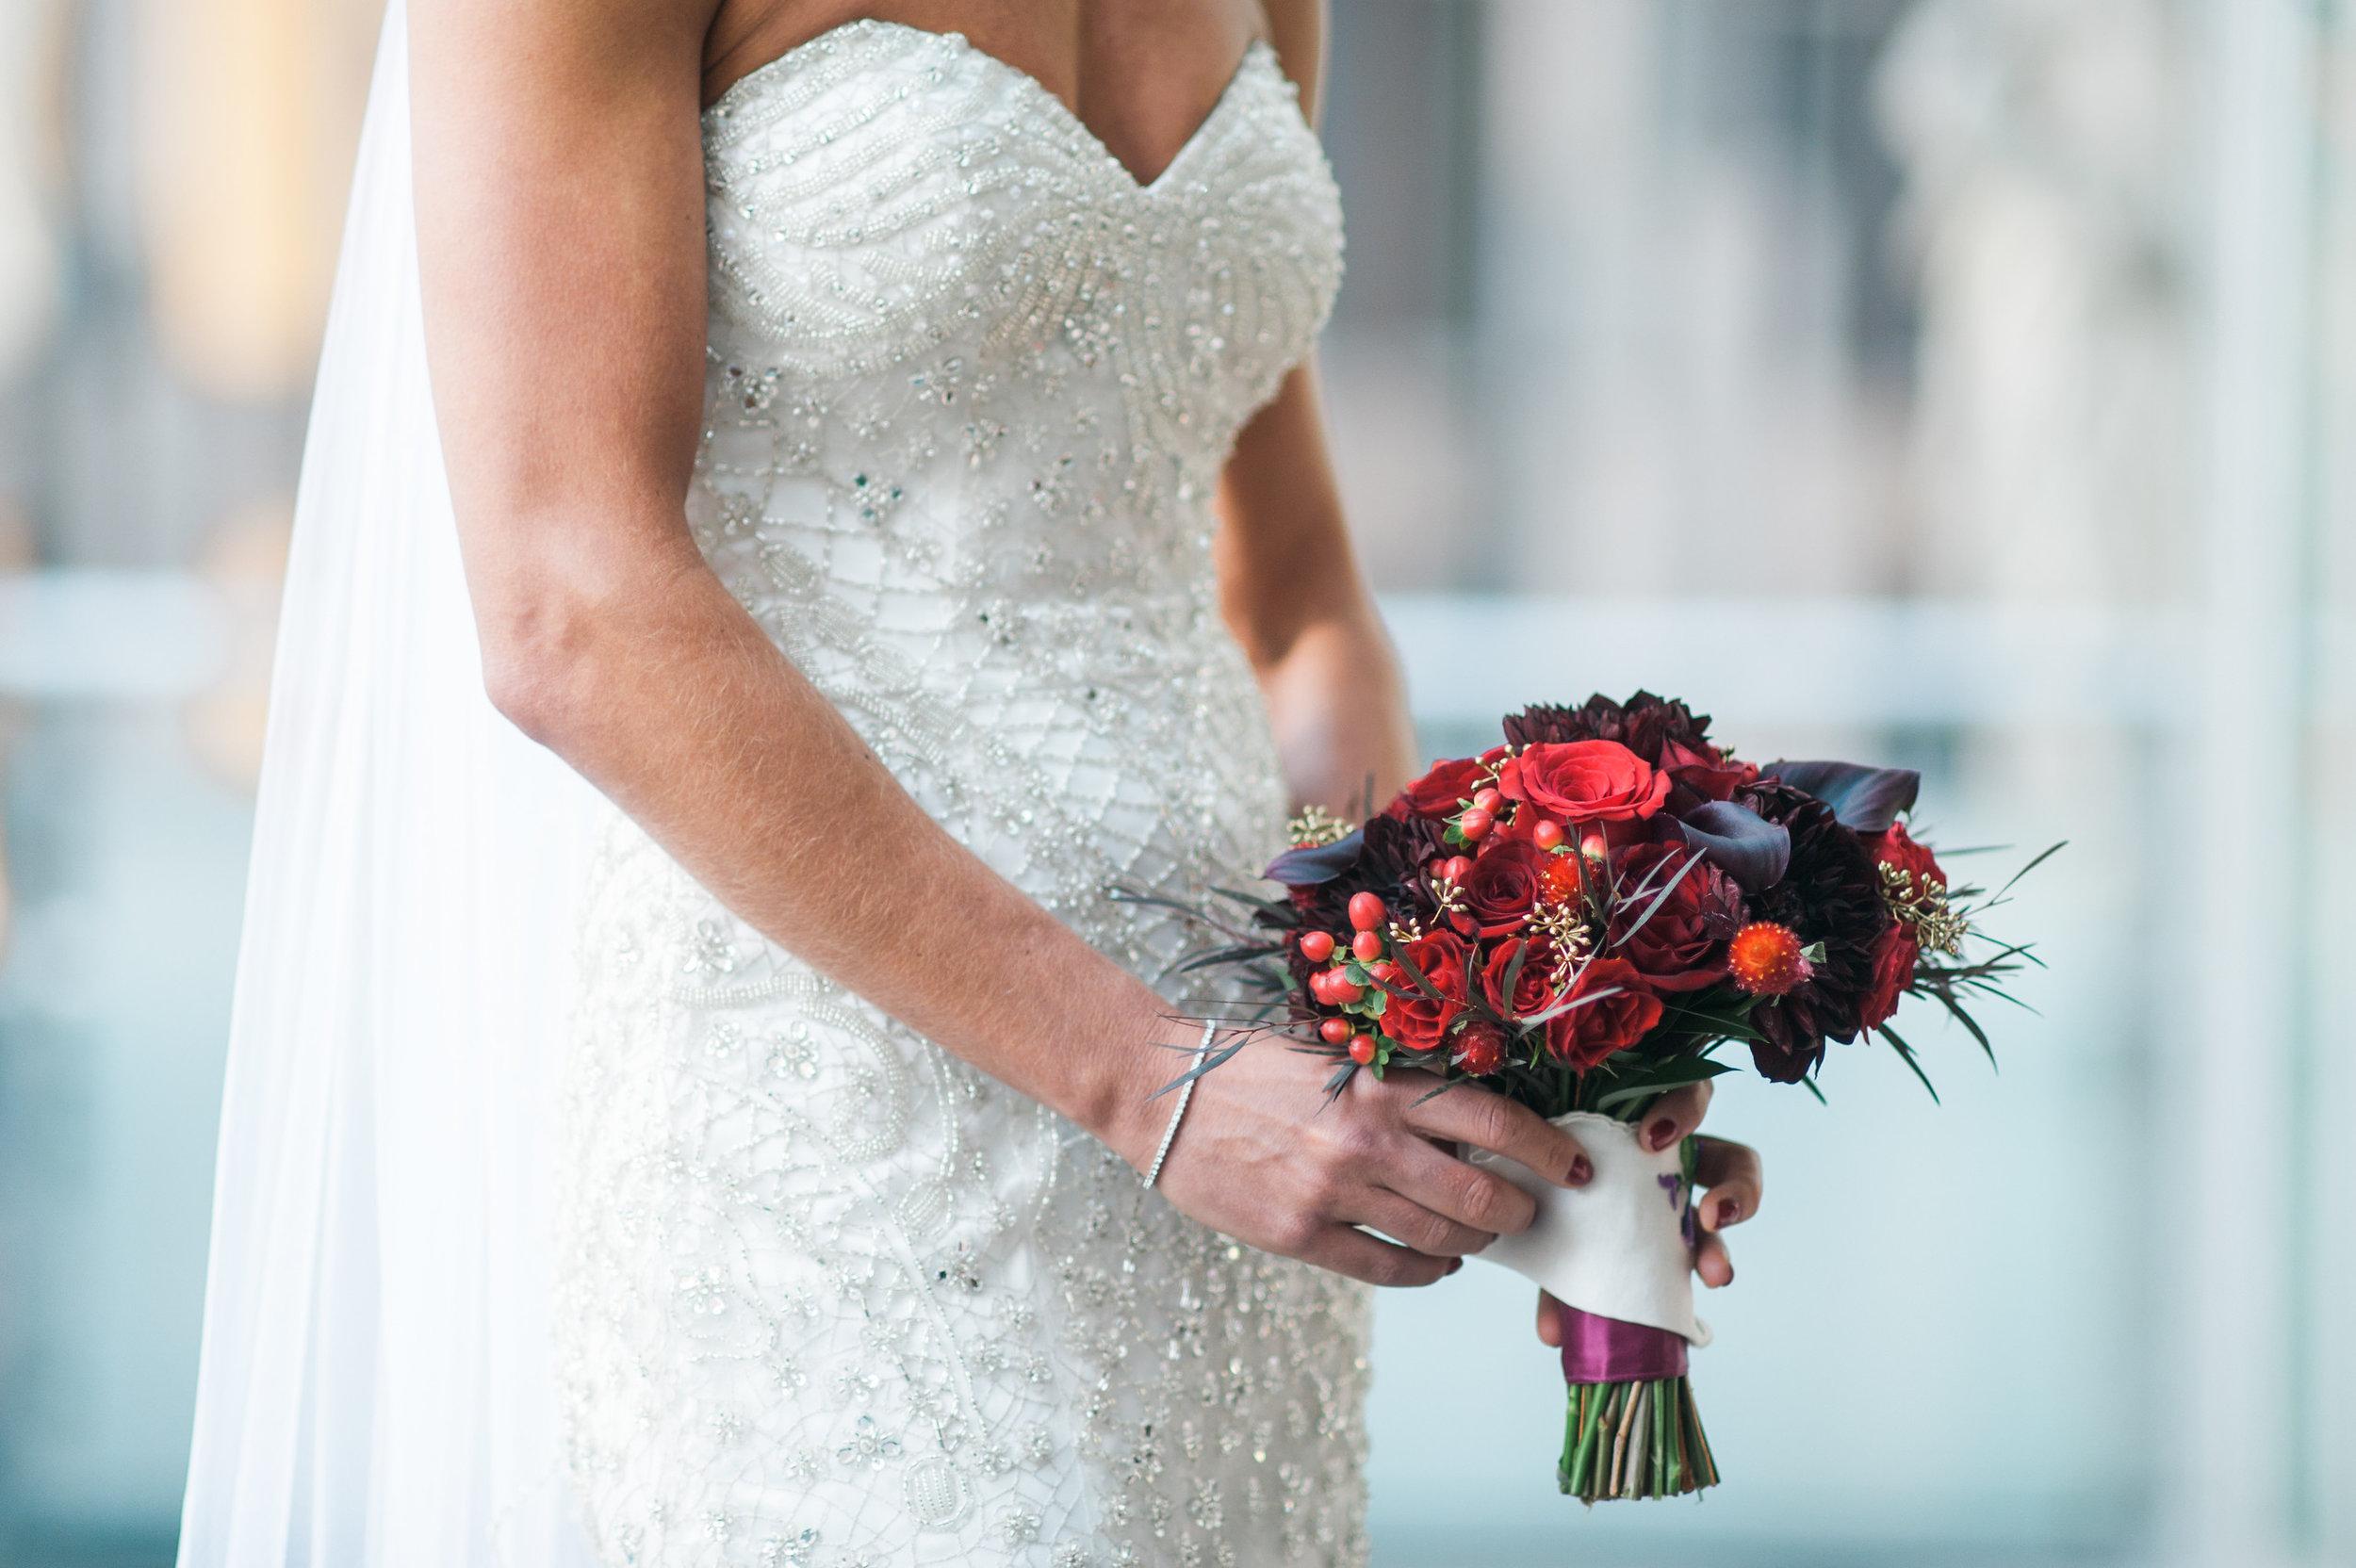 hoke-wedding-126-X5.jpg